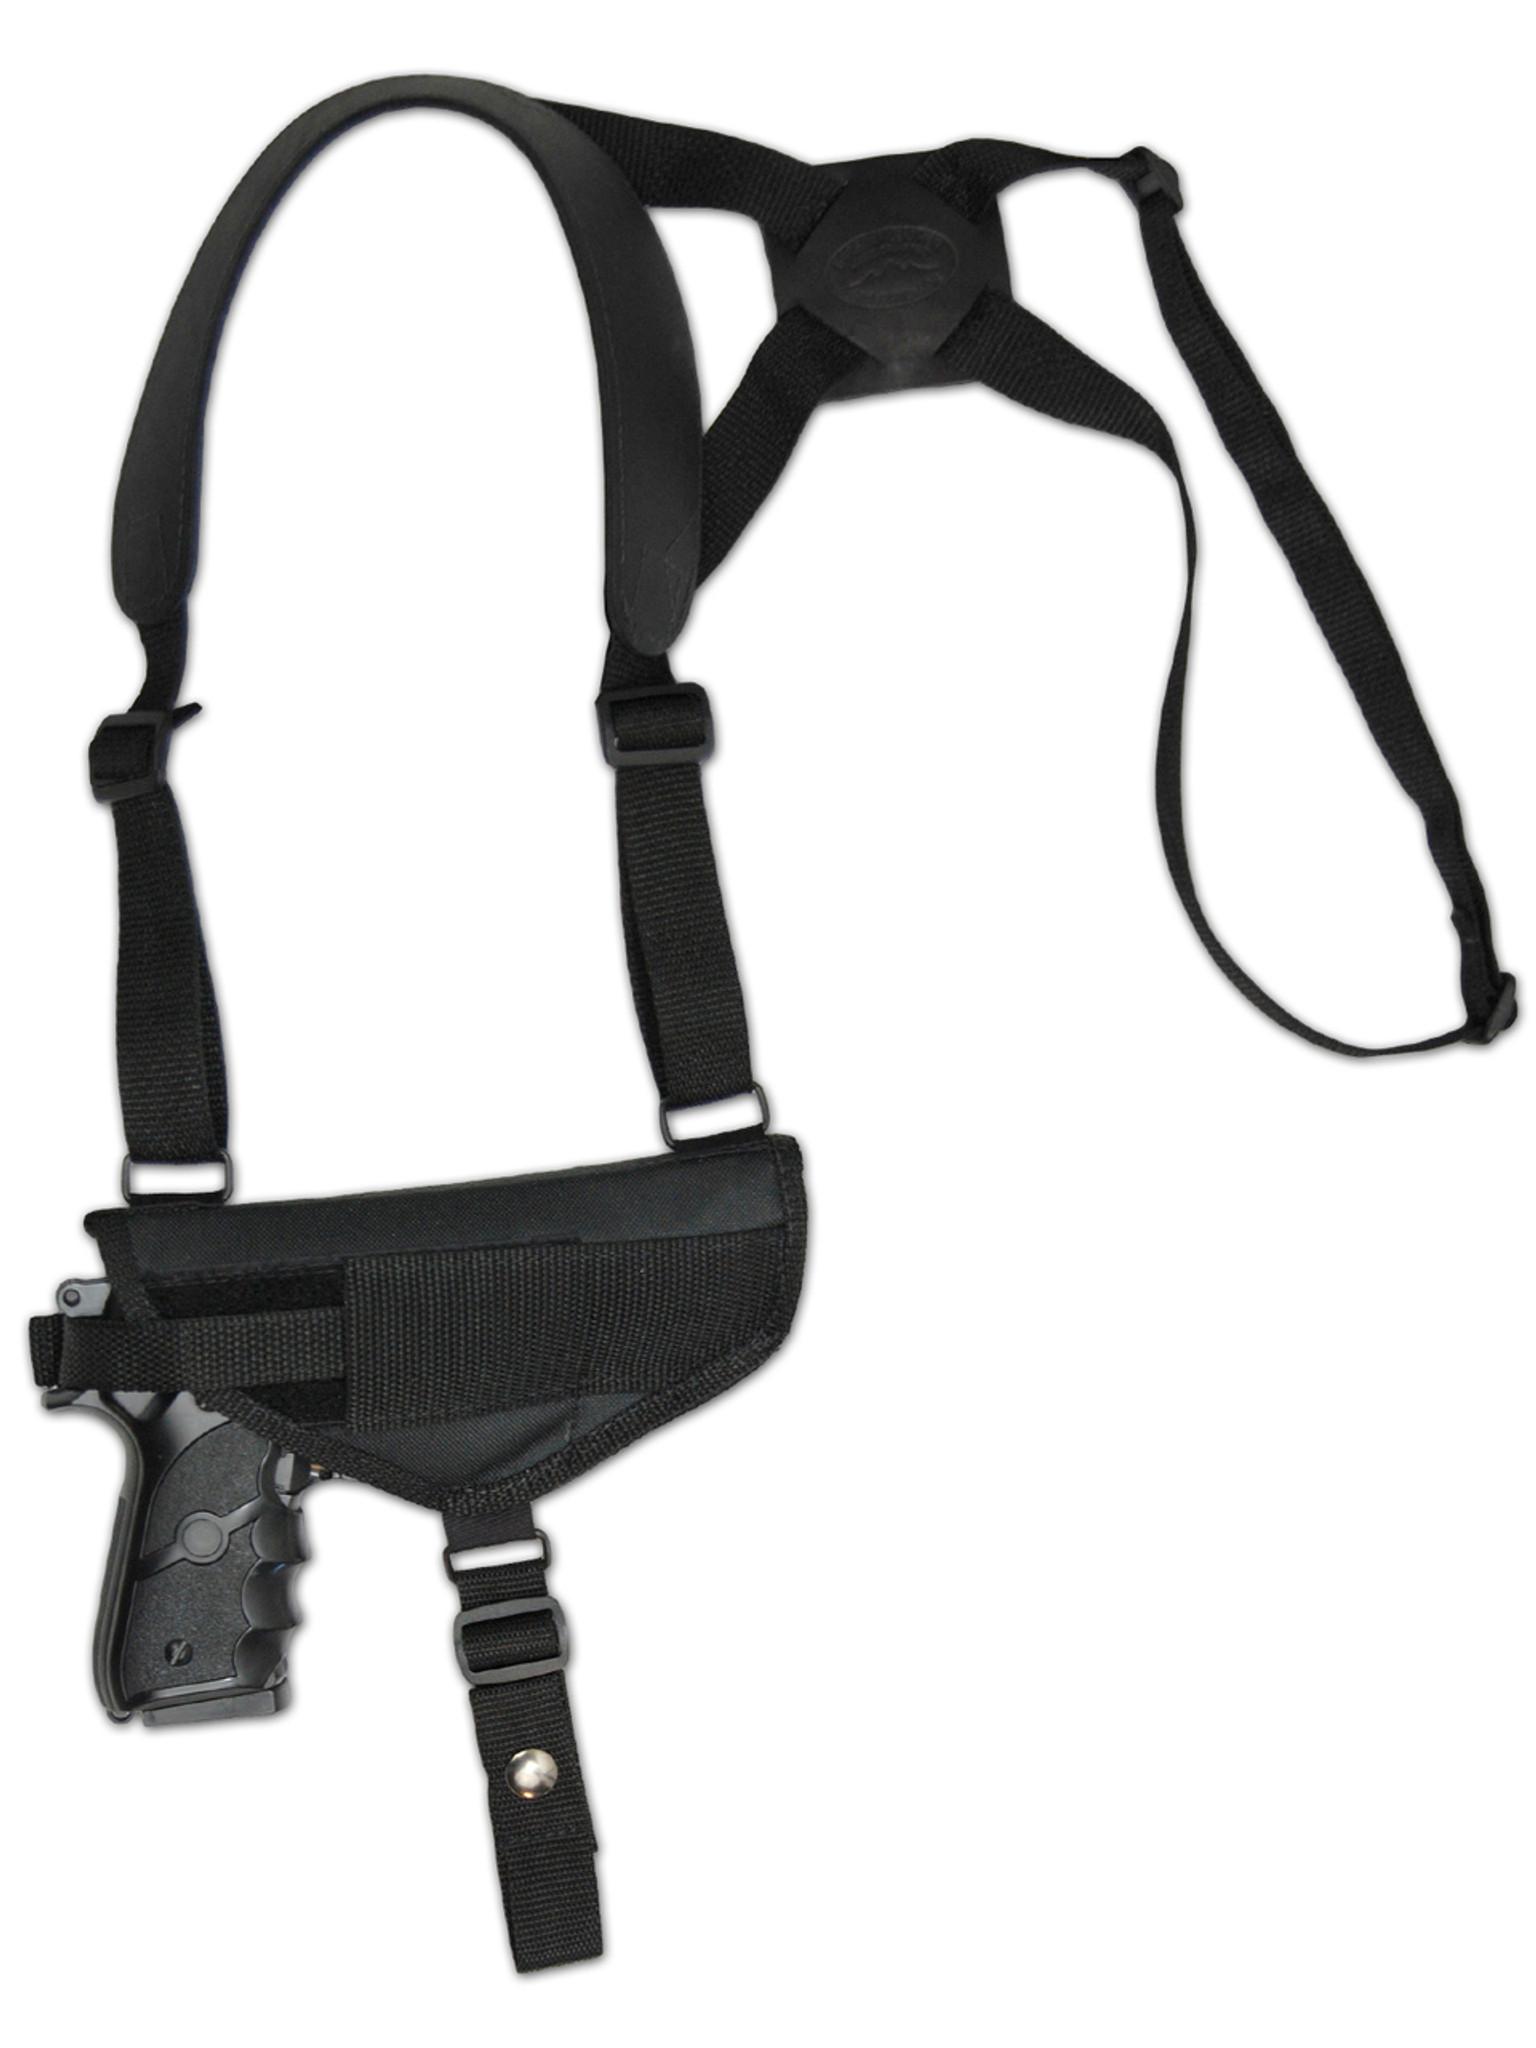 NEW Barsony Vertical Shoulder Holster for Paraordnance Full Size 9mm 40 45